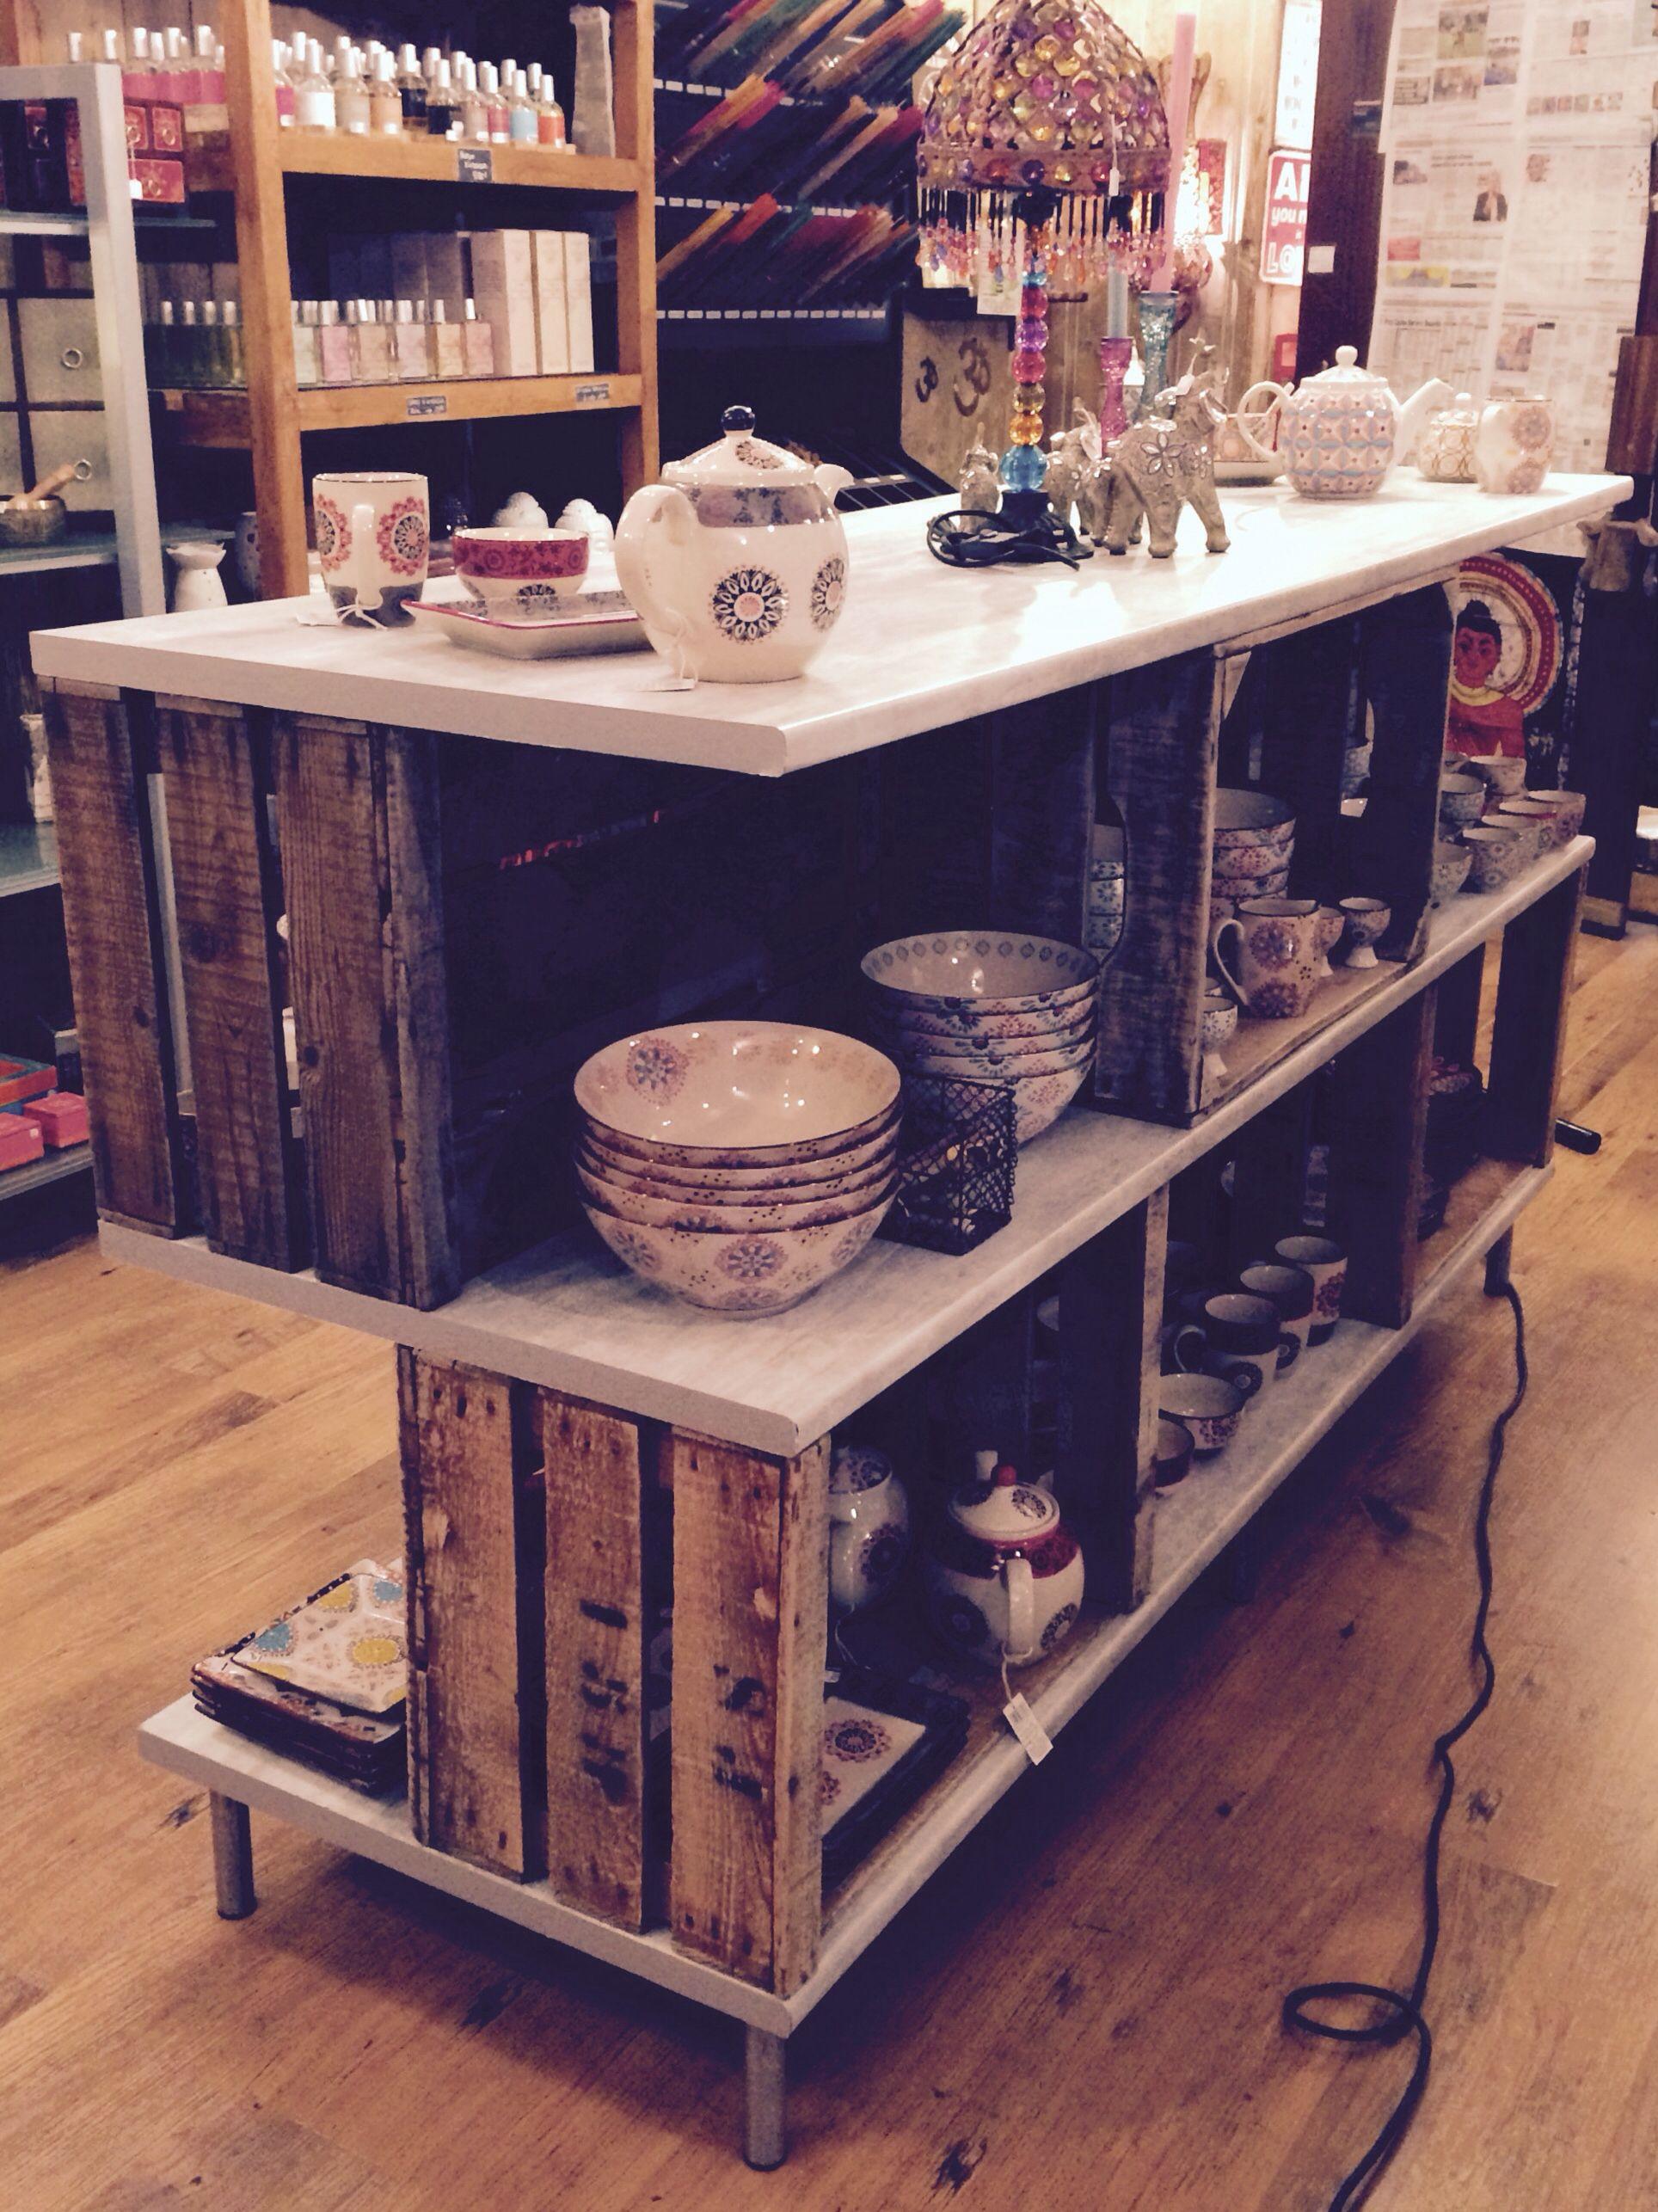 presentoir caisses de pommes caisse mini caisse. Black Bedroom Furniture Sets. Home Design Ideas